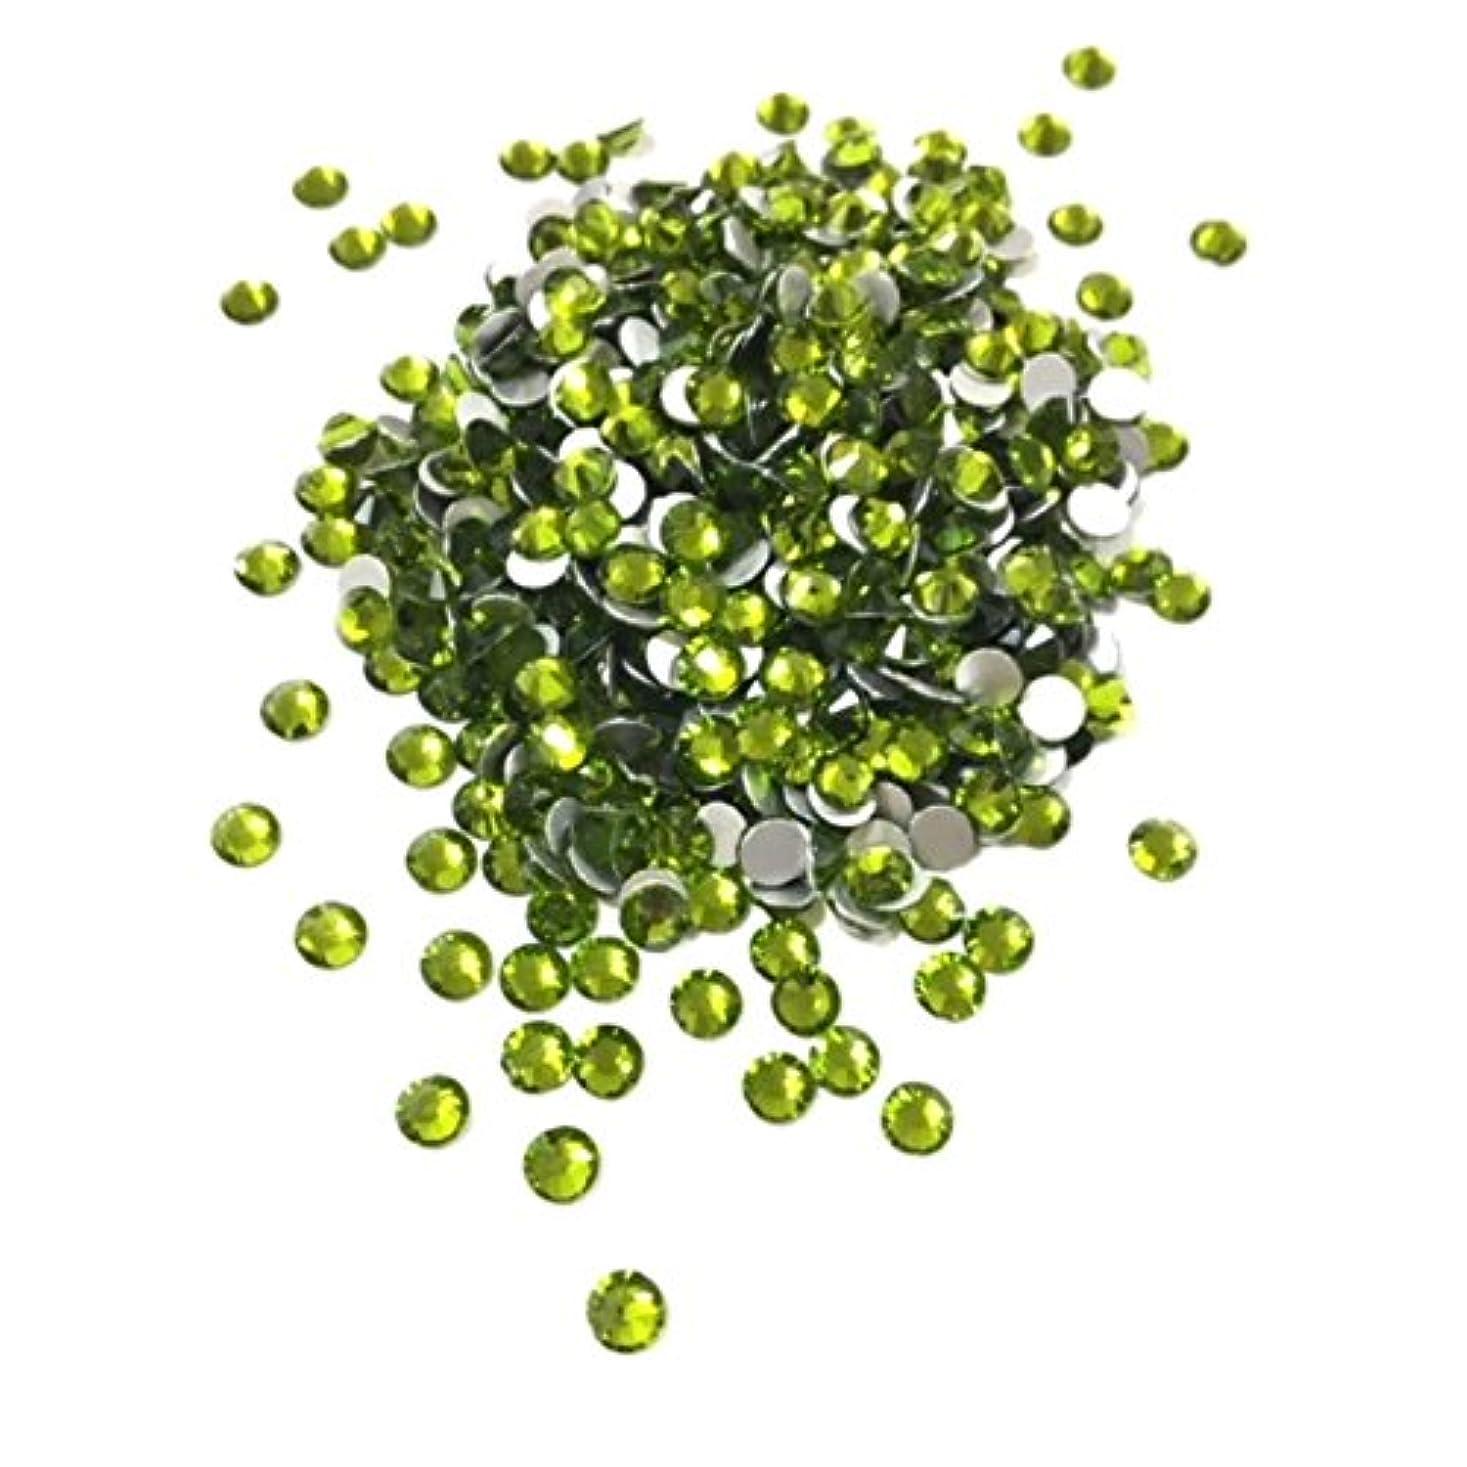 裁判官ラボガウン【ネイルウーマン】最高品質ガラスストーン!スワロ同等の輝き! オリーブ 緑 グリーン (約100粒入り) (SS4, オリーブ)